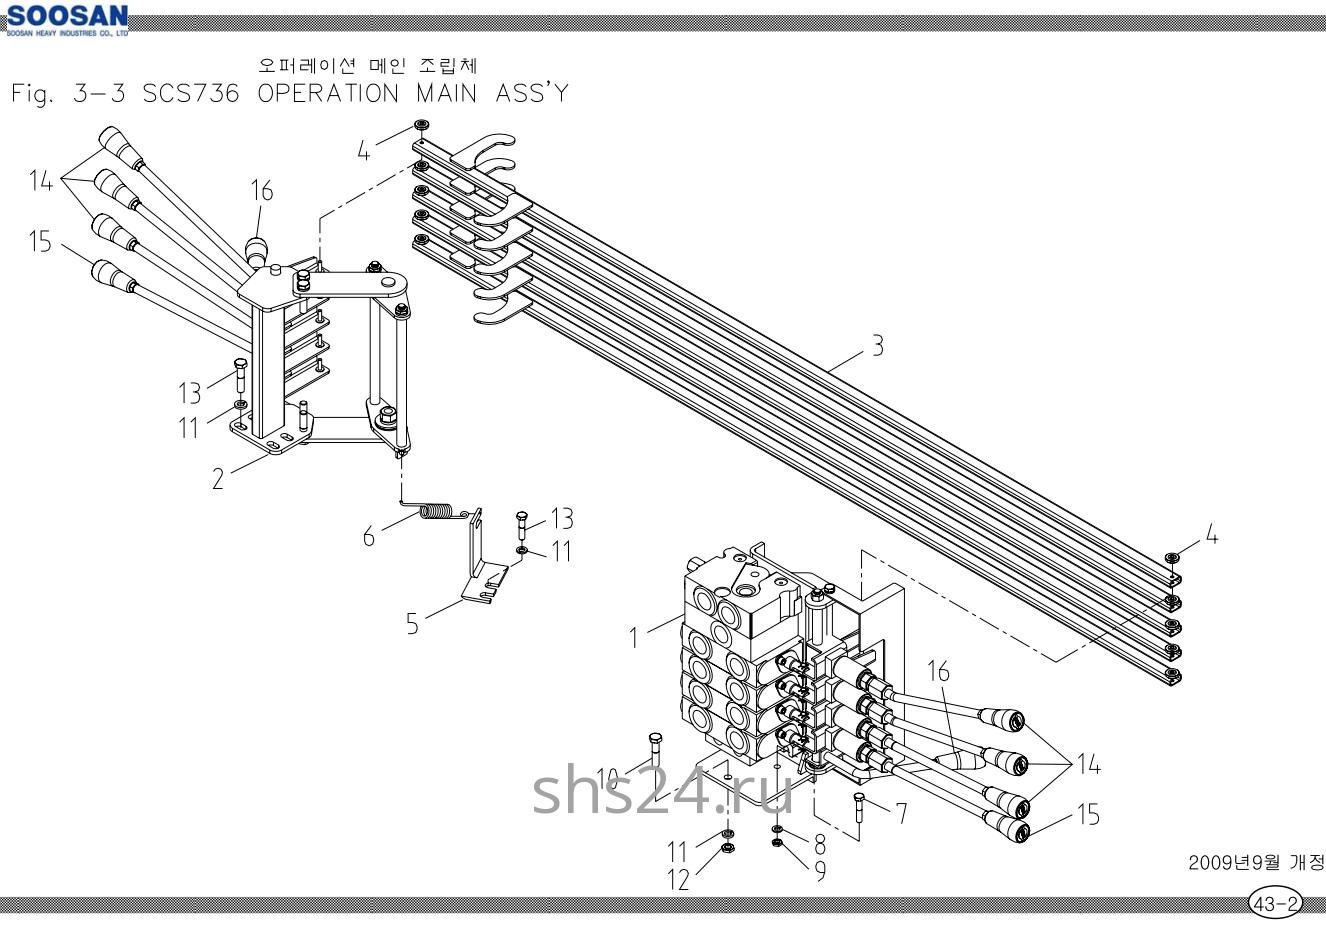 Рычаги управления 4-х секц. гидрораспределителем Soosan SCS 736